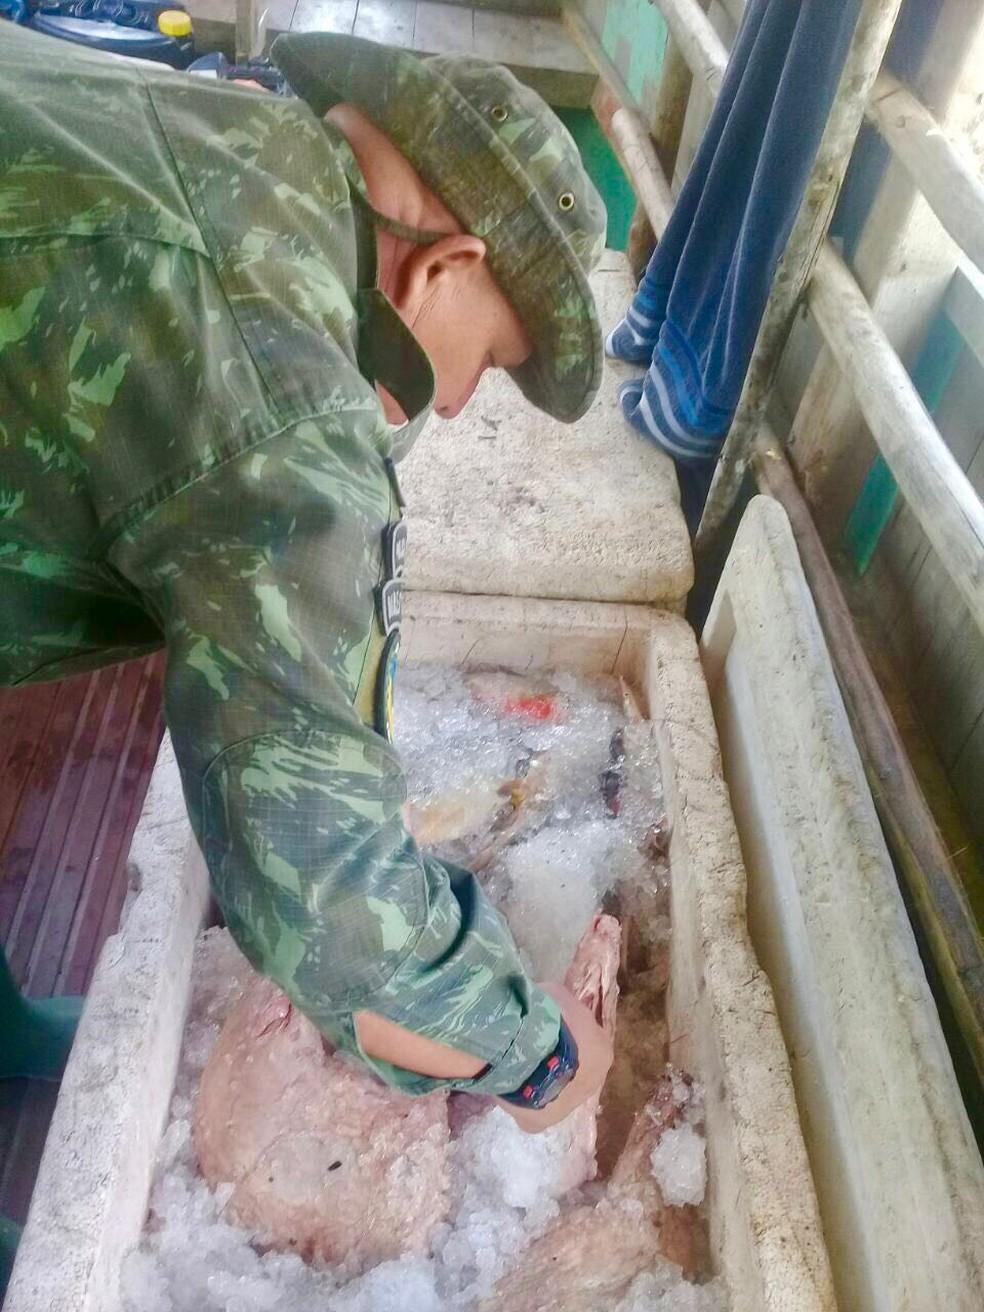 Polícia apreendeu ainda mais de 50 kg de carne de jacaré (Foto: Divulgação/Batalhão Ambiental)